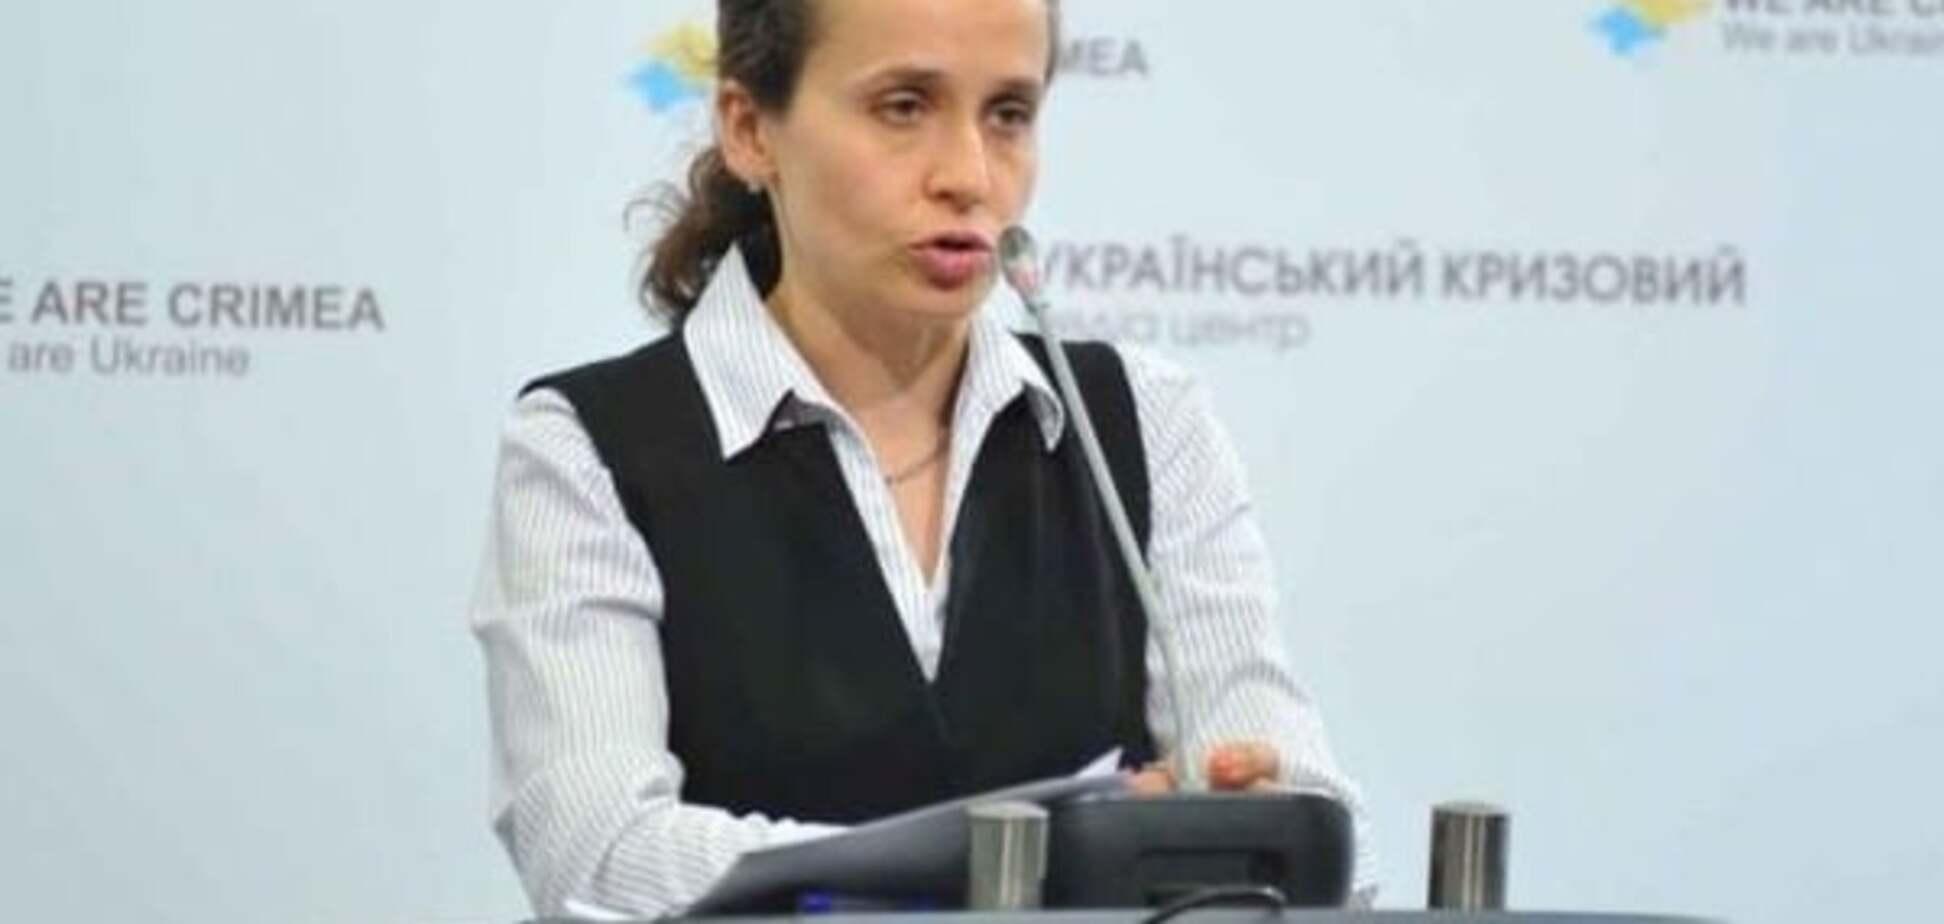 Била каблуком по голове: бизнесмен раскрыл детали инцидента с Клименко. Замминистра ответила